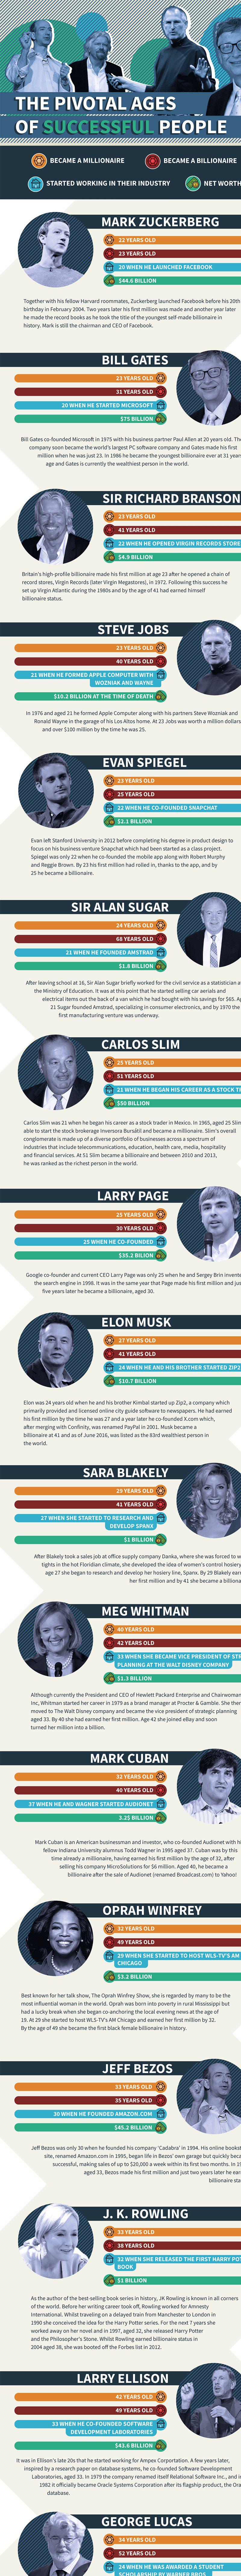 Billionaire-Entrepreneurs